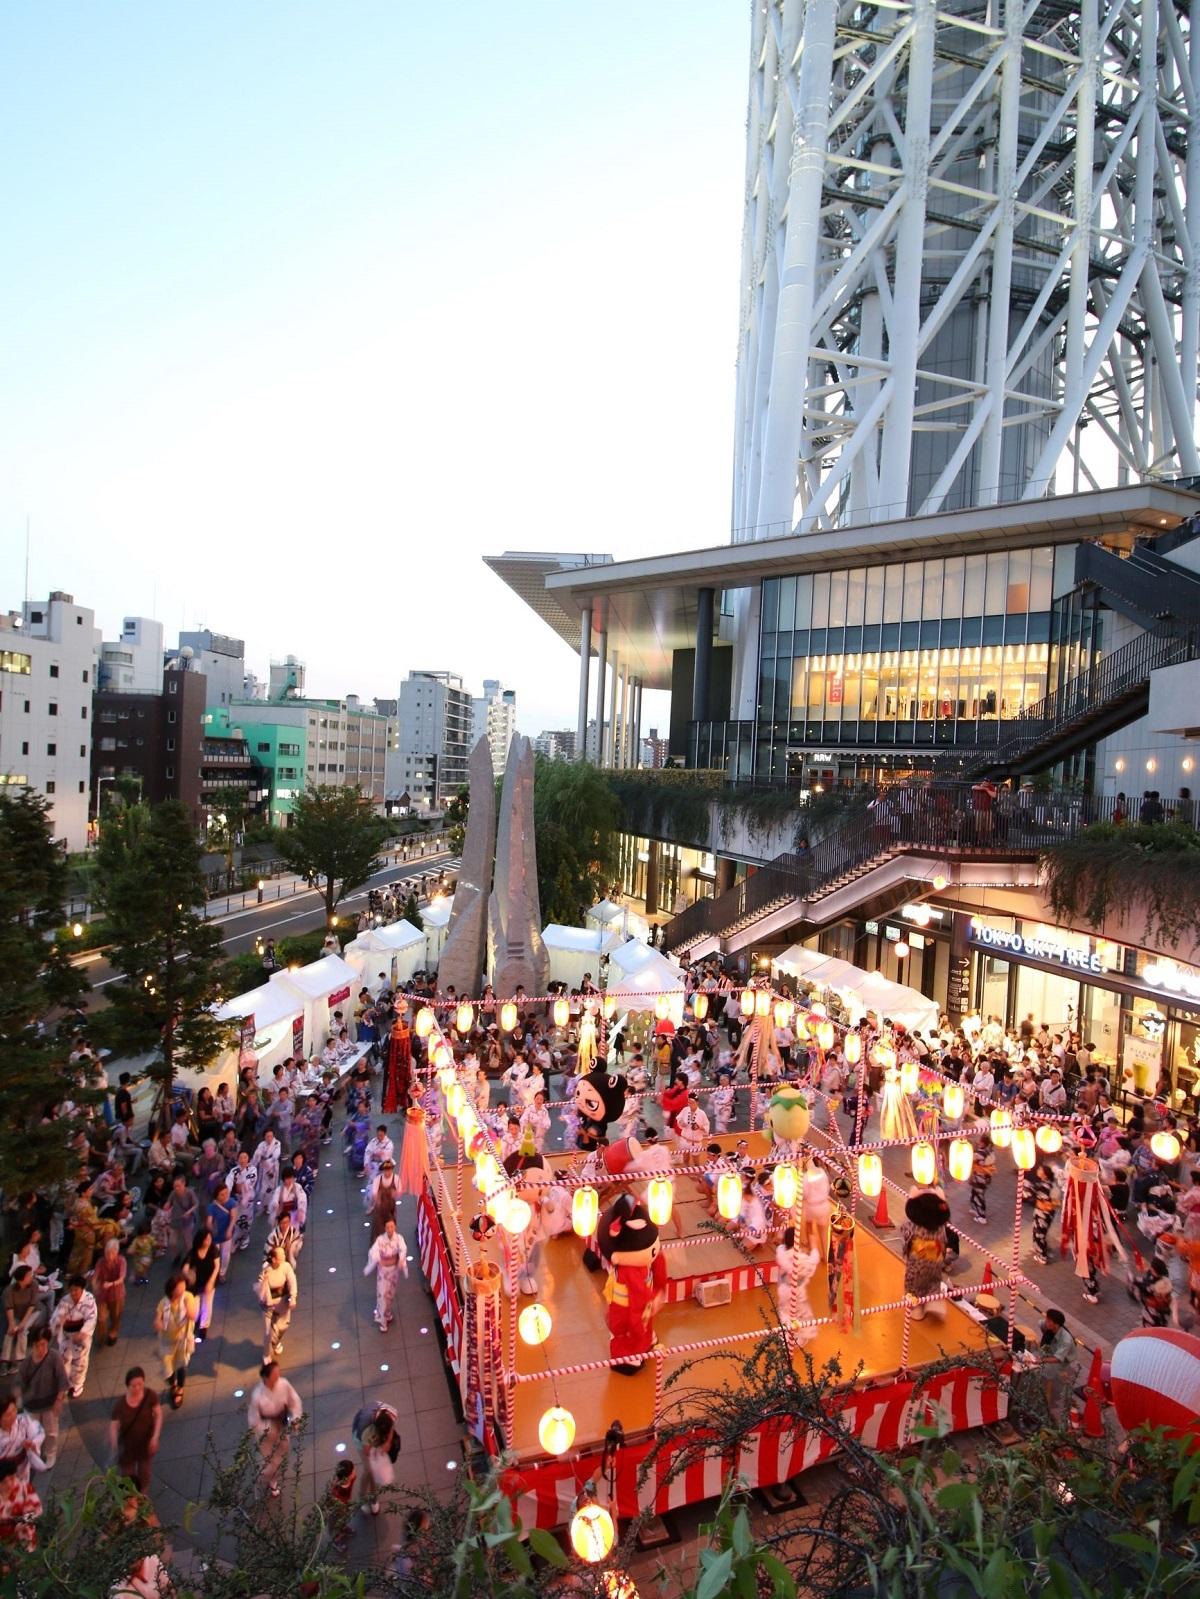 墨田区民納涼民踊大会(昨年の様子)(C)TOKYO-SKYTREETOWN